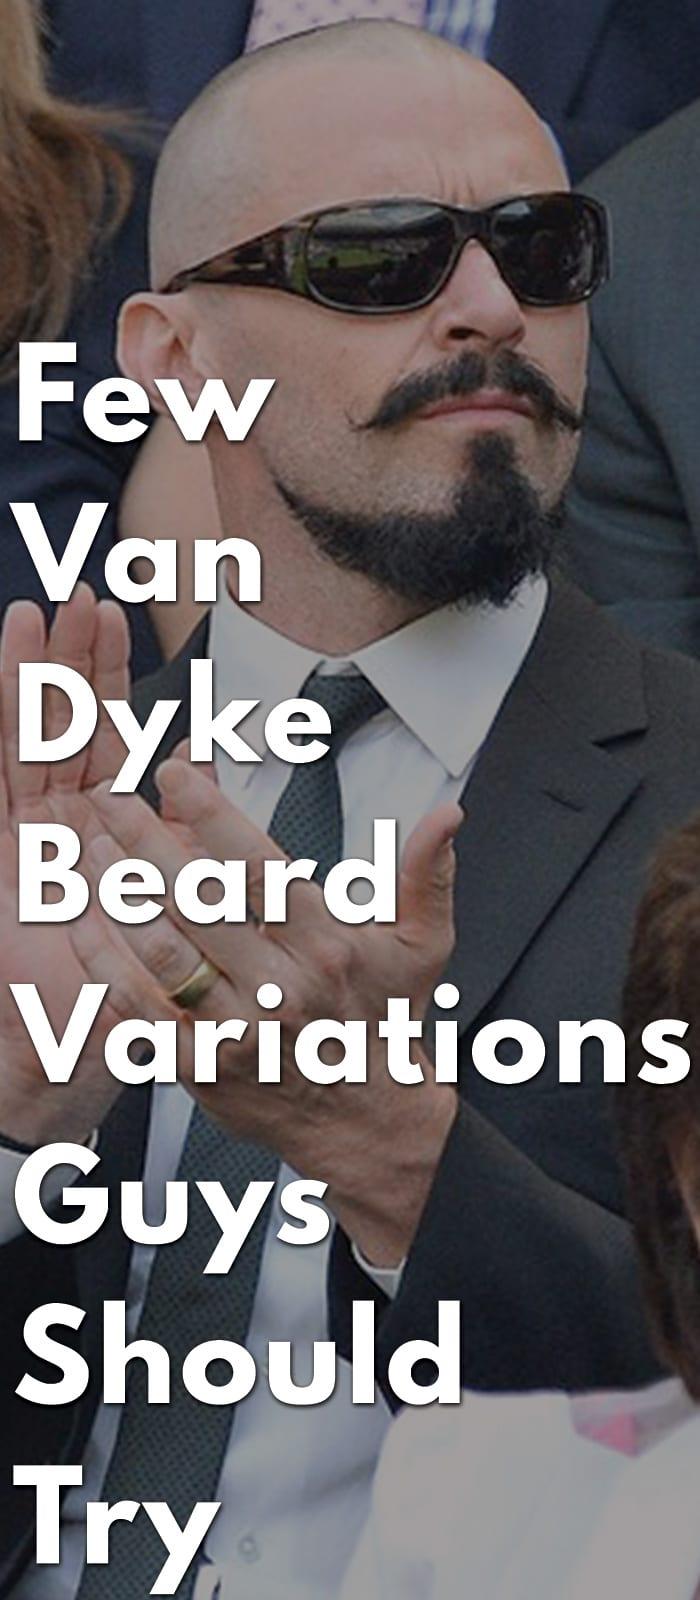 Few-Van-Dyke-Beard-Variations-Guys-Should-Try.